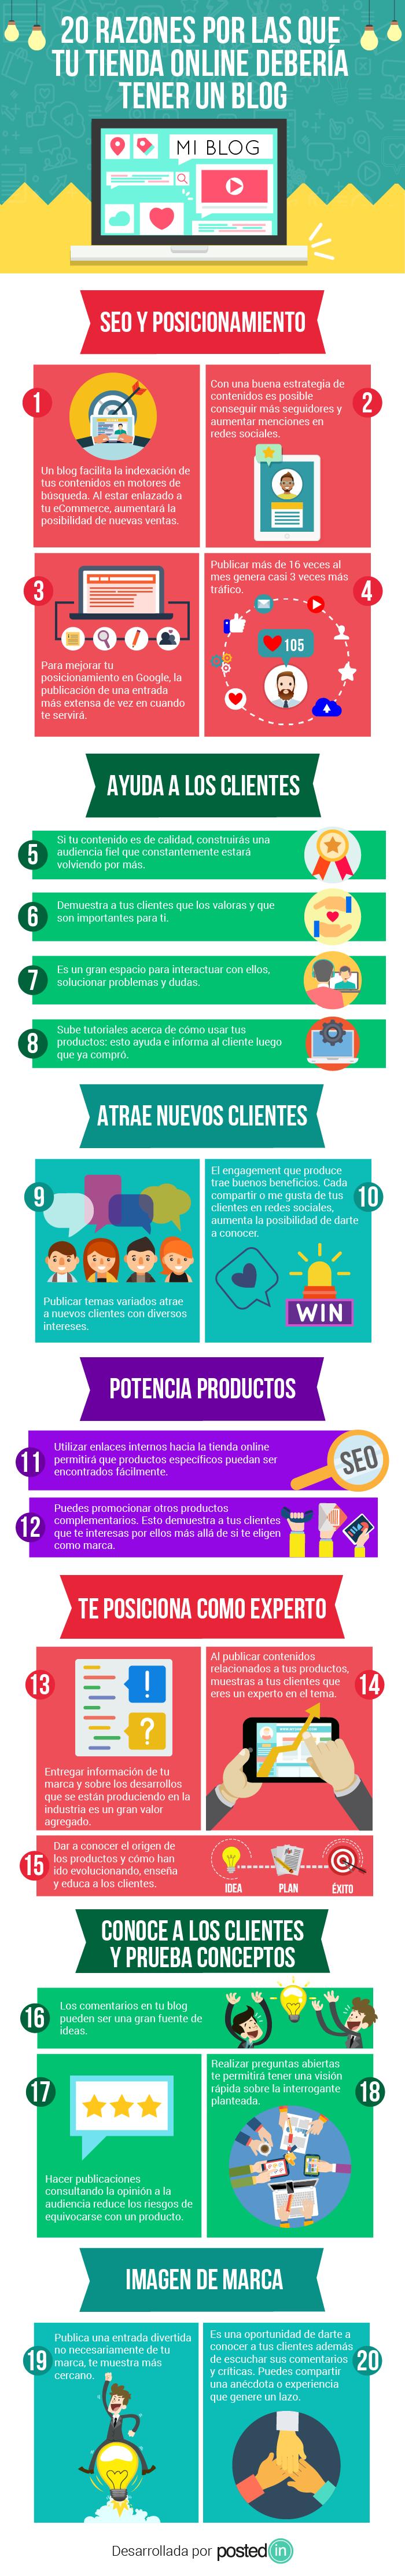 20 razones por las tu tu tienda online necesita un Blog #infografia #ecommerce #socialmedia